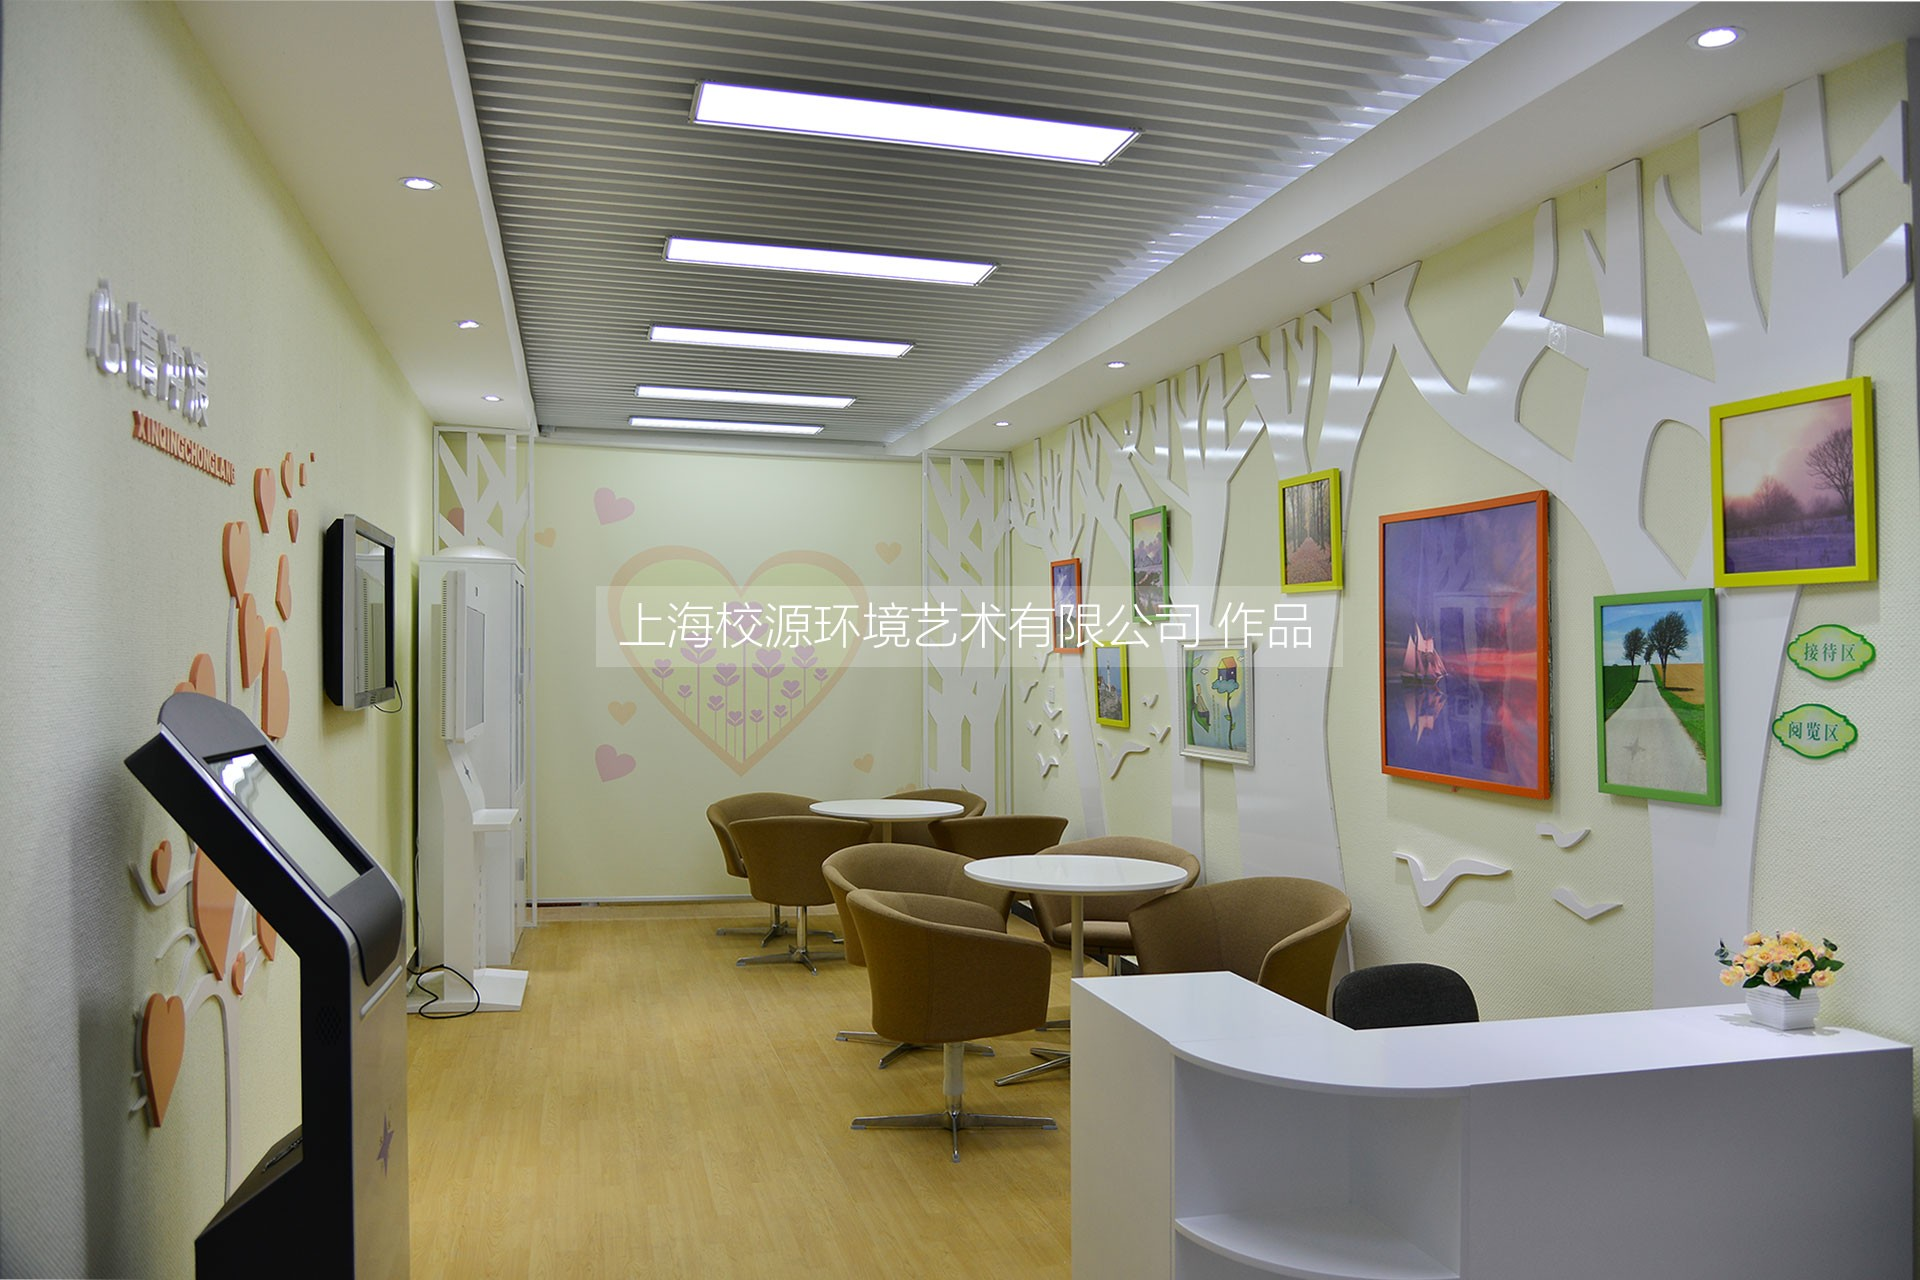 上海市卫生学校 心理辅导室